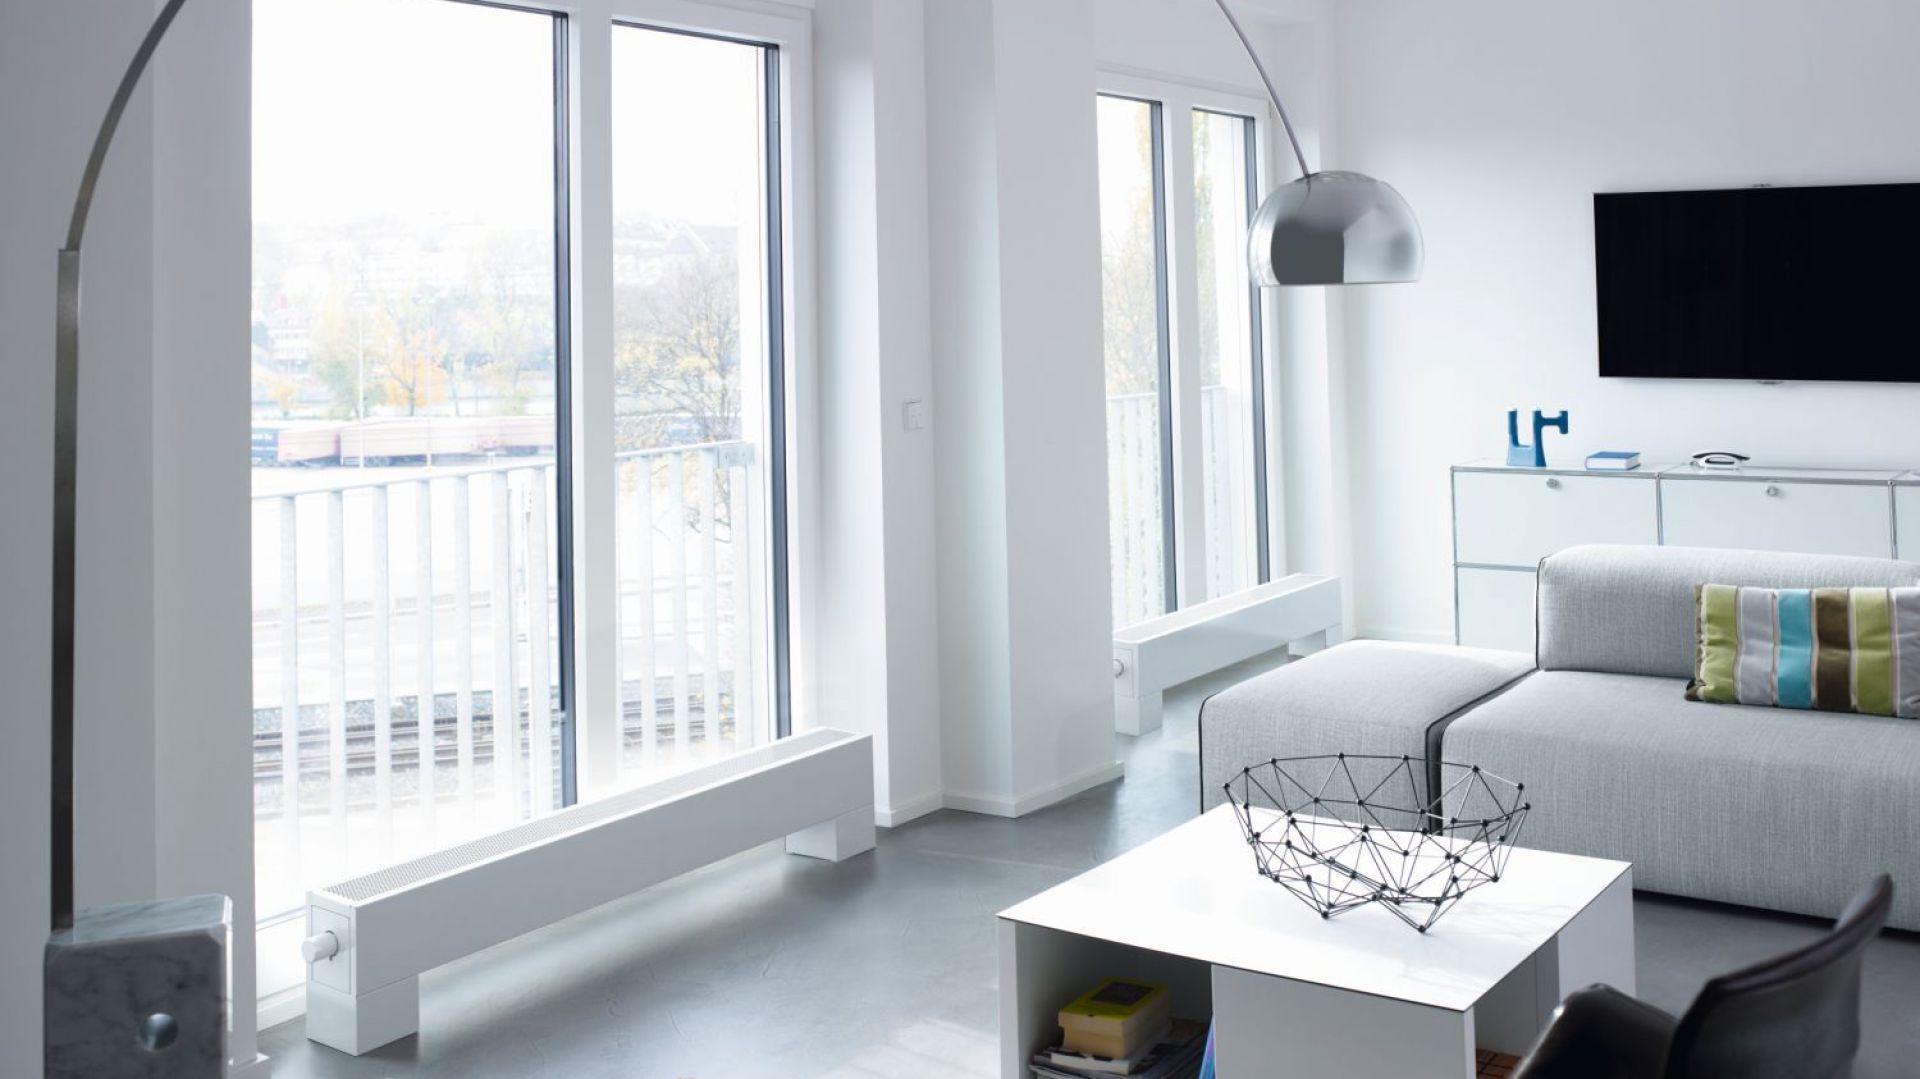 Grzejnik Stana Neo do montażu na podłodze, przy oknie lub we wnęce, zapewnia optymalne rozprowadzenie ogrzanego powietrza w całym pomieszczeniu. Ciche, wbudowane wentylatory. Fot. Zehnder